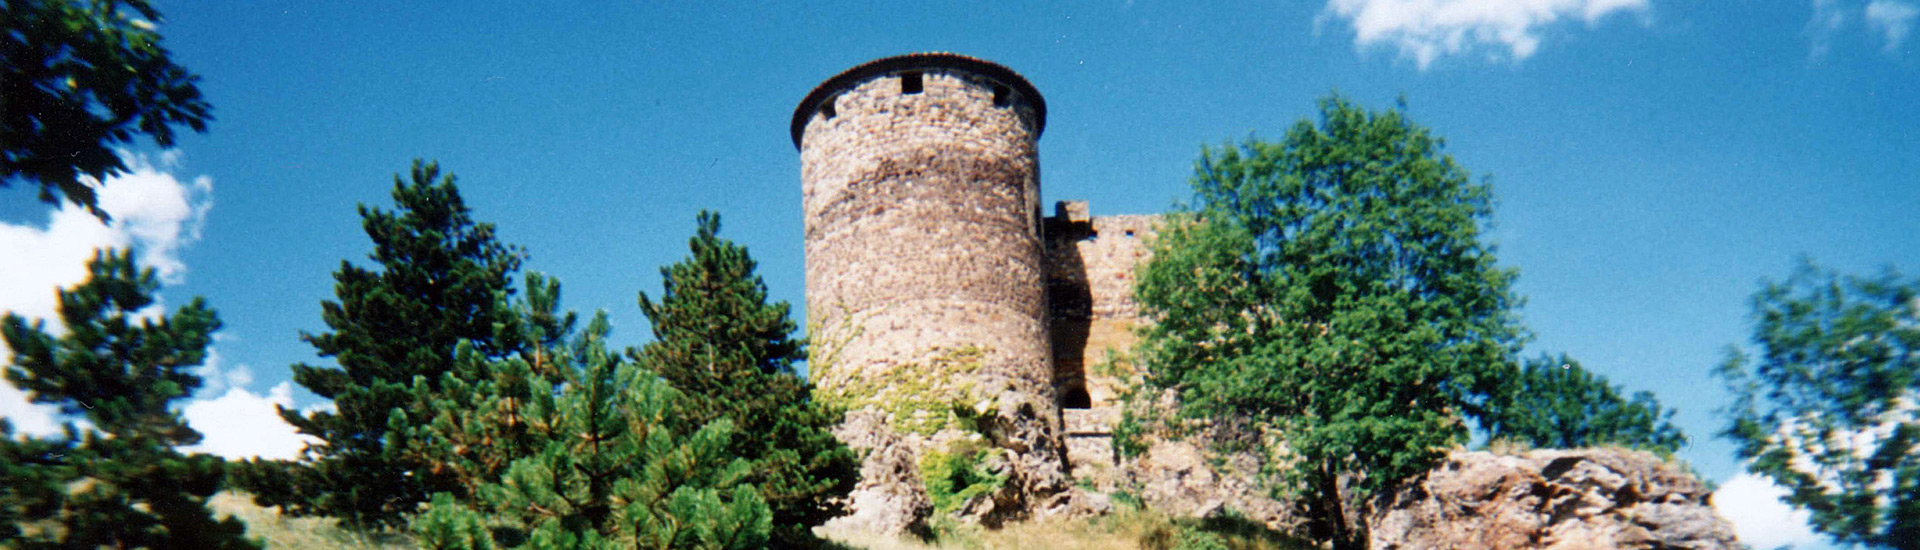 Chateau de Busseol